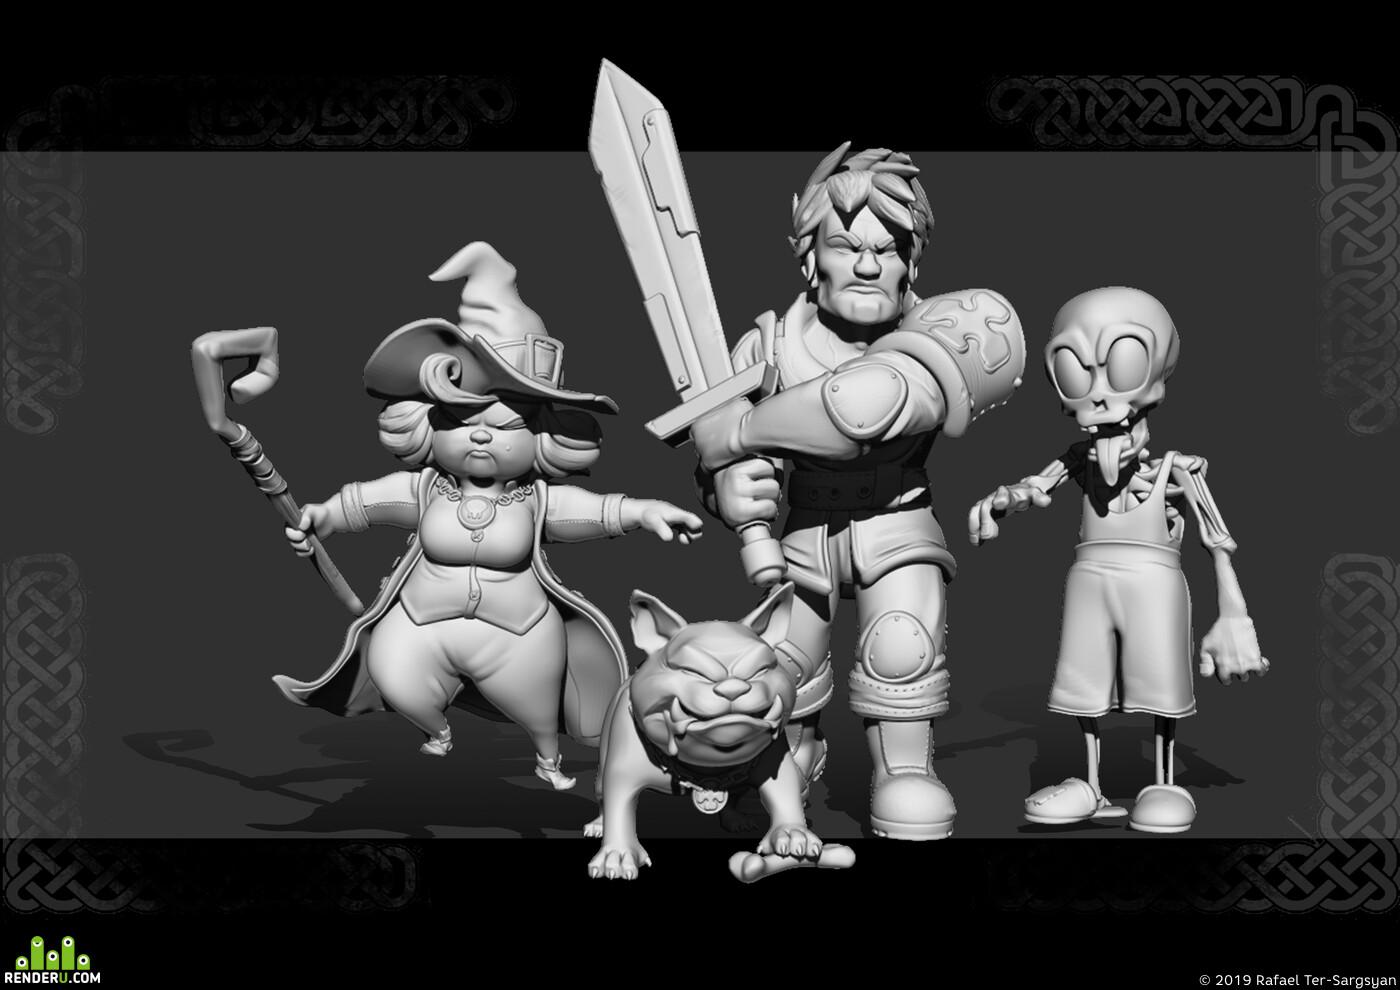 ZBrush, Персонажи, стилизованные, модели, рыцарь, ведьма, собака, Скелет, Зомби